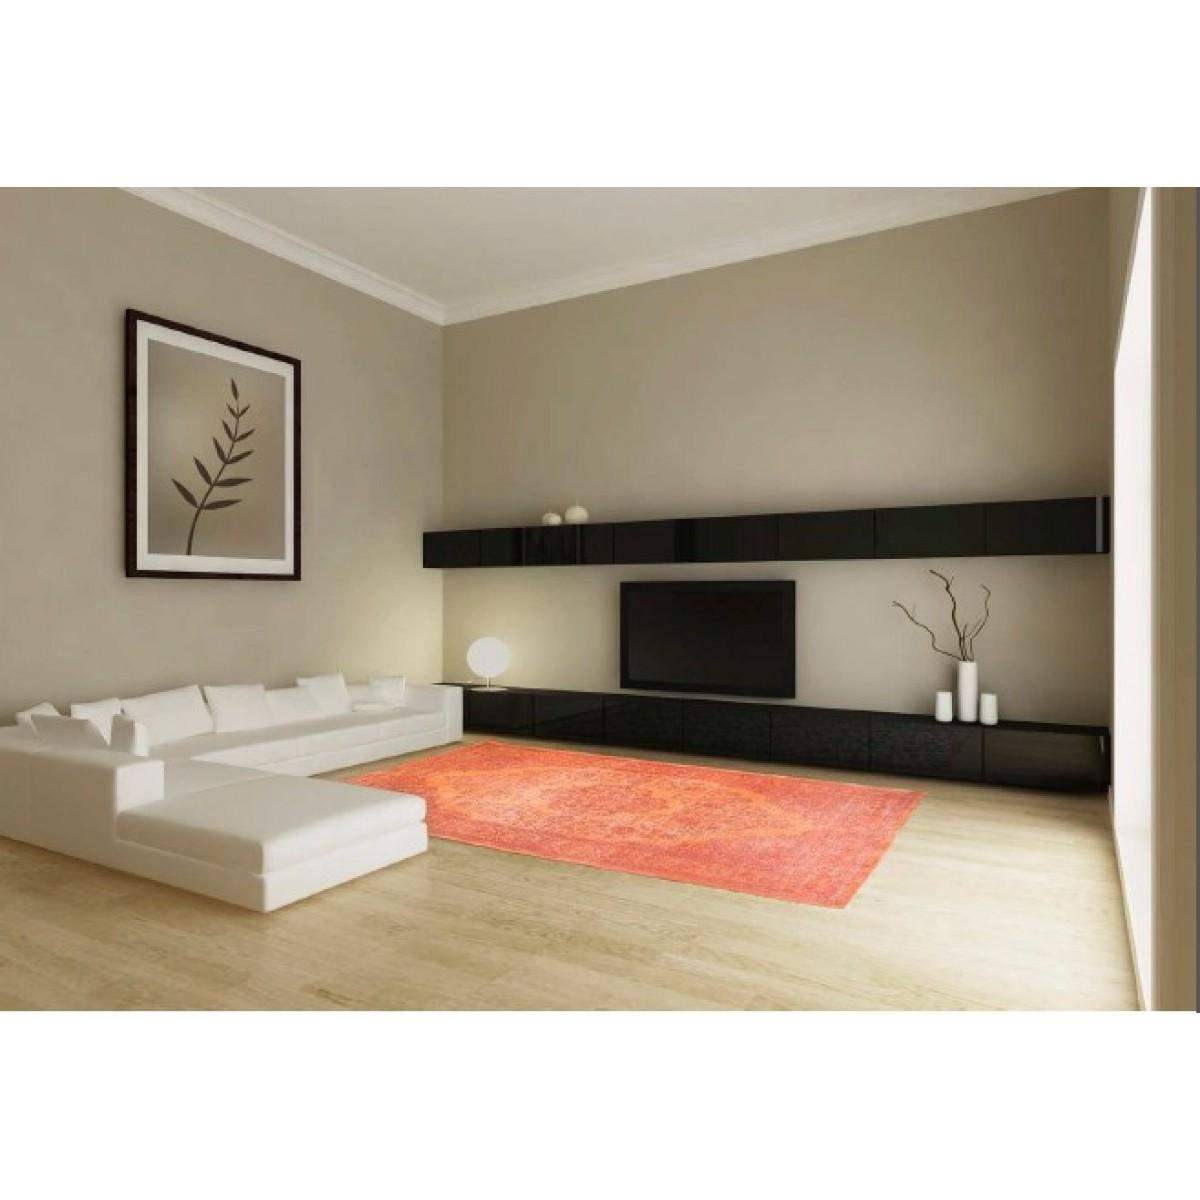 oriental-karpet-tangerine-sfeer